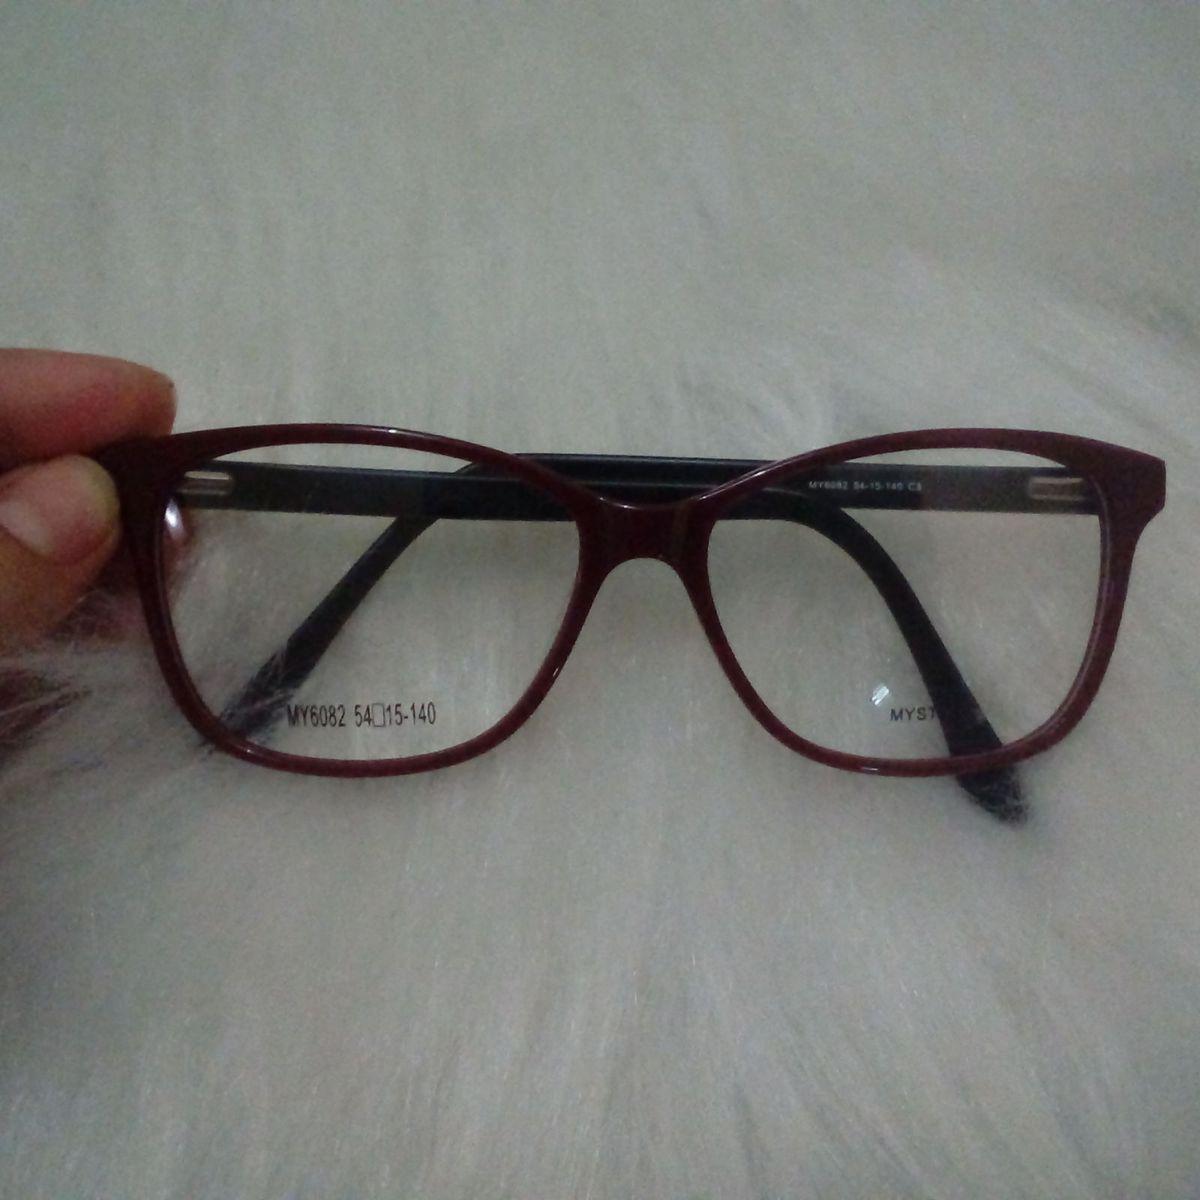 de693222d Armação Feminina Acetato   Óculos Feminino Nunca Usado 27112755   enjoei